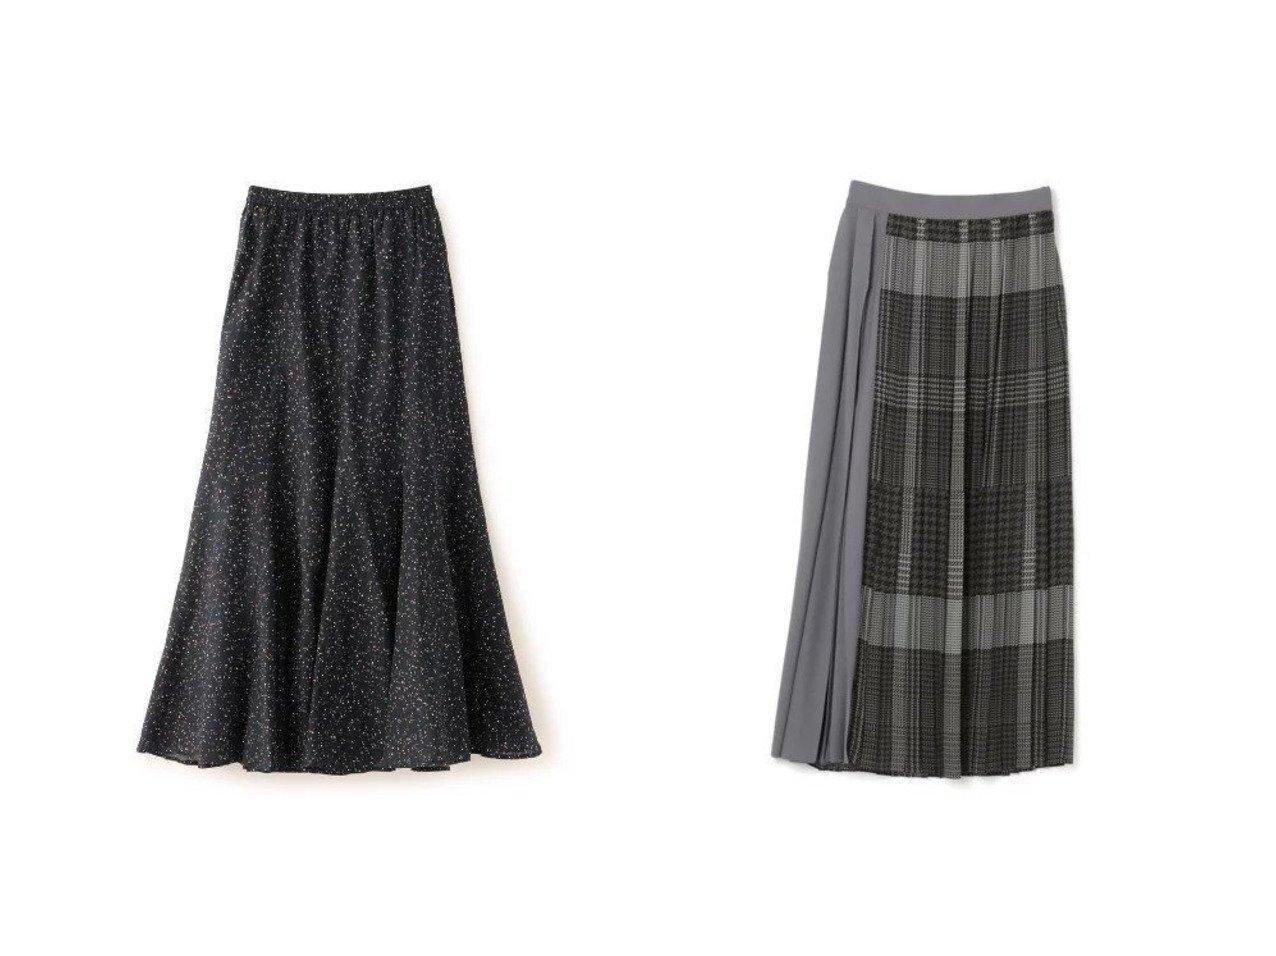 【ADORE/アドーア】のガンクラブプリーツ&【EPOCA THE SHOP/エポカ ザ ショップ】の【MARIHA】夢見るマーメイドのスカート スカートのおすすめ!人気、レディースファッションの通販 おすすめで人気のファッション通販商品 インテリア・家具・キッズファッション・メンズファッション・レディースファッション・服の通販 founy(ファニー) https://founy.com/ ファッション Fashion レディース WOMEN スカート Skirt インド エレガント コレクション シルク ジュエリー ドット ドレス フラット フラワー プリント マキシ マーメイド モノトーン ライニング ロング  ID:crp329100000001537